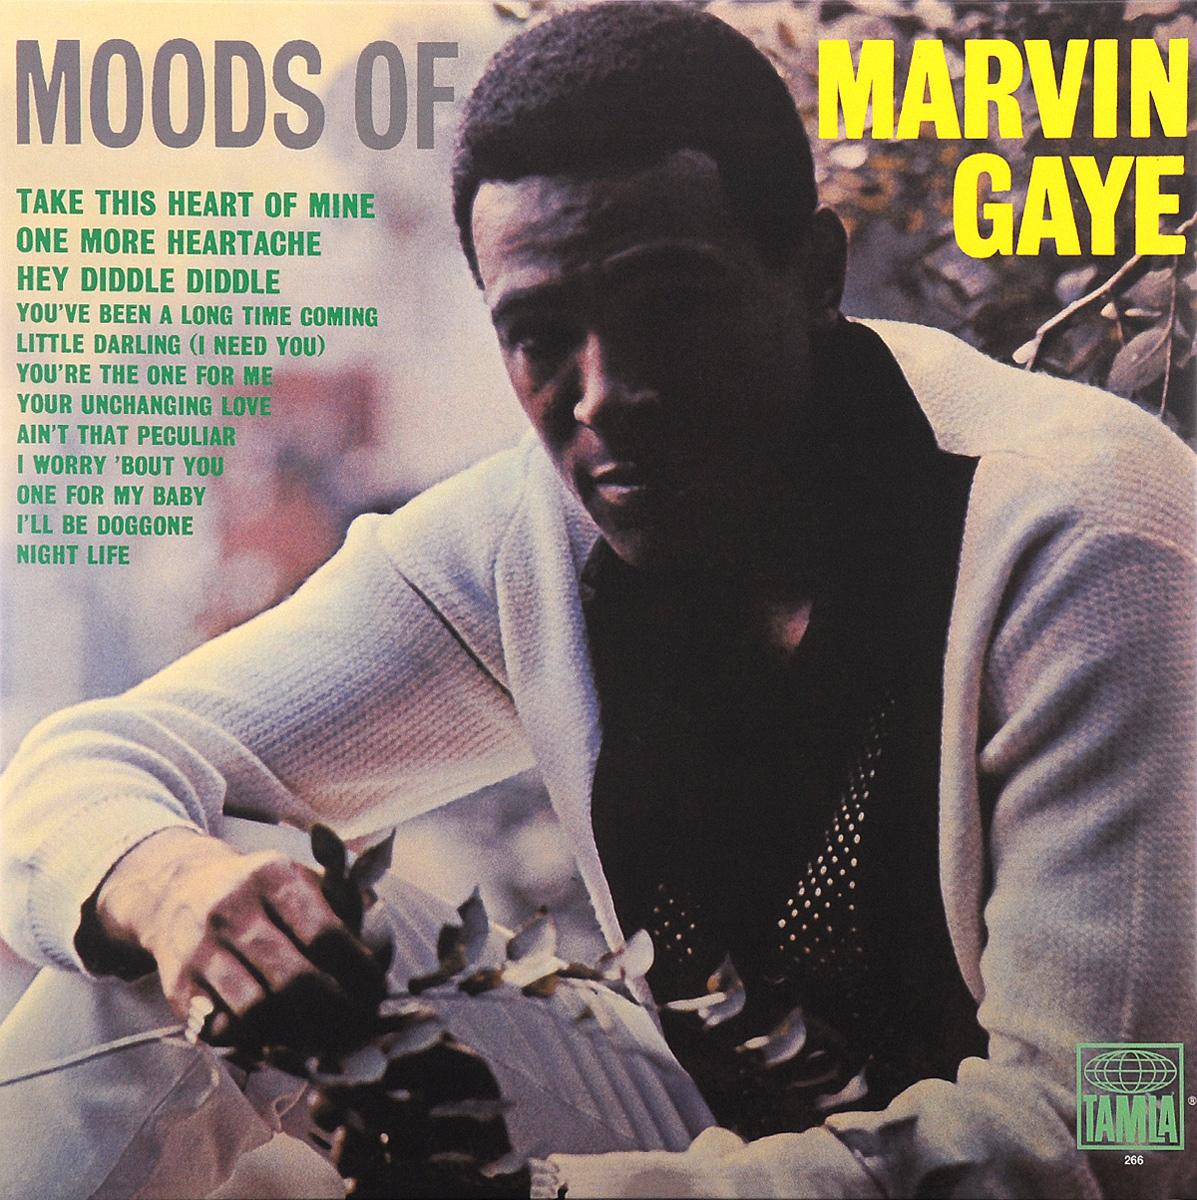 лучшая цена Марвин Гэй Marvin Gaye. Moods Of Marvin Gaye (LP)